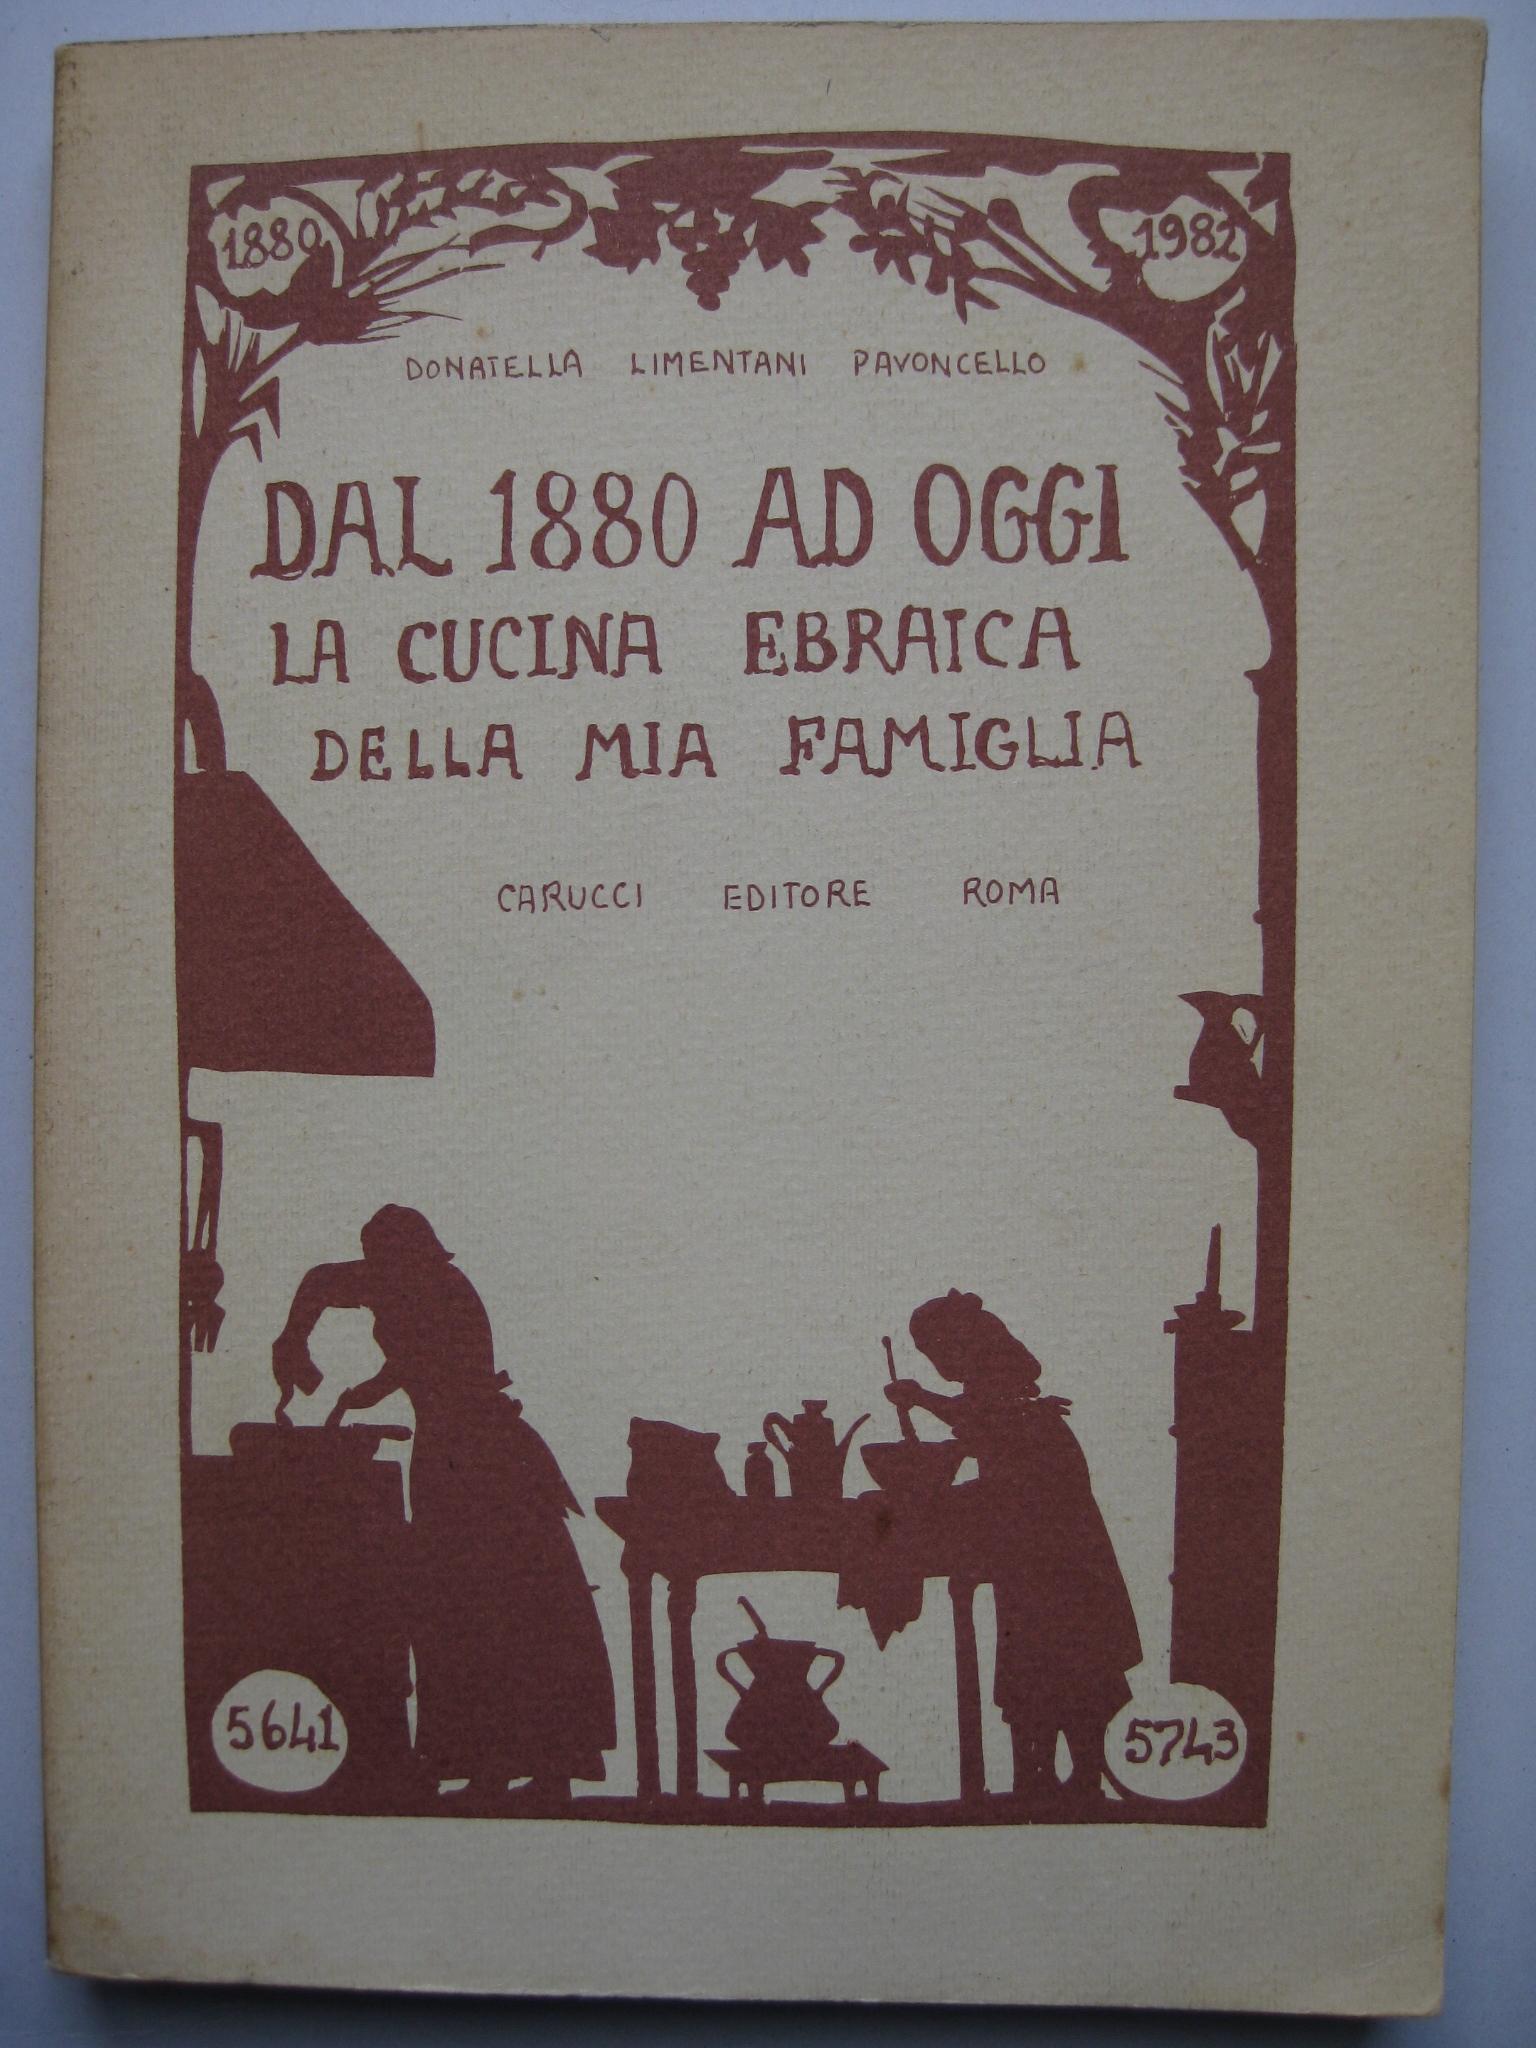 Dal 1880 ad oggi